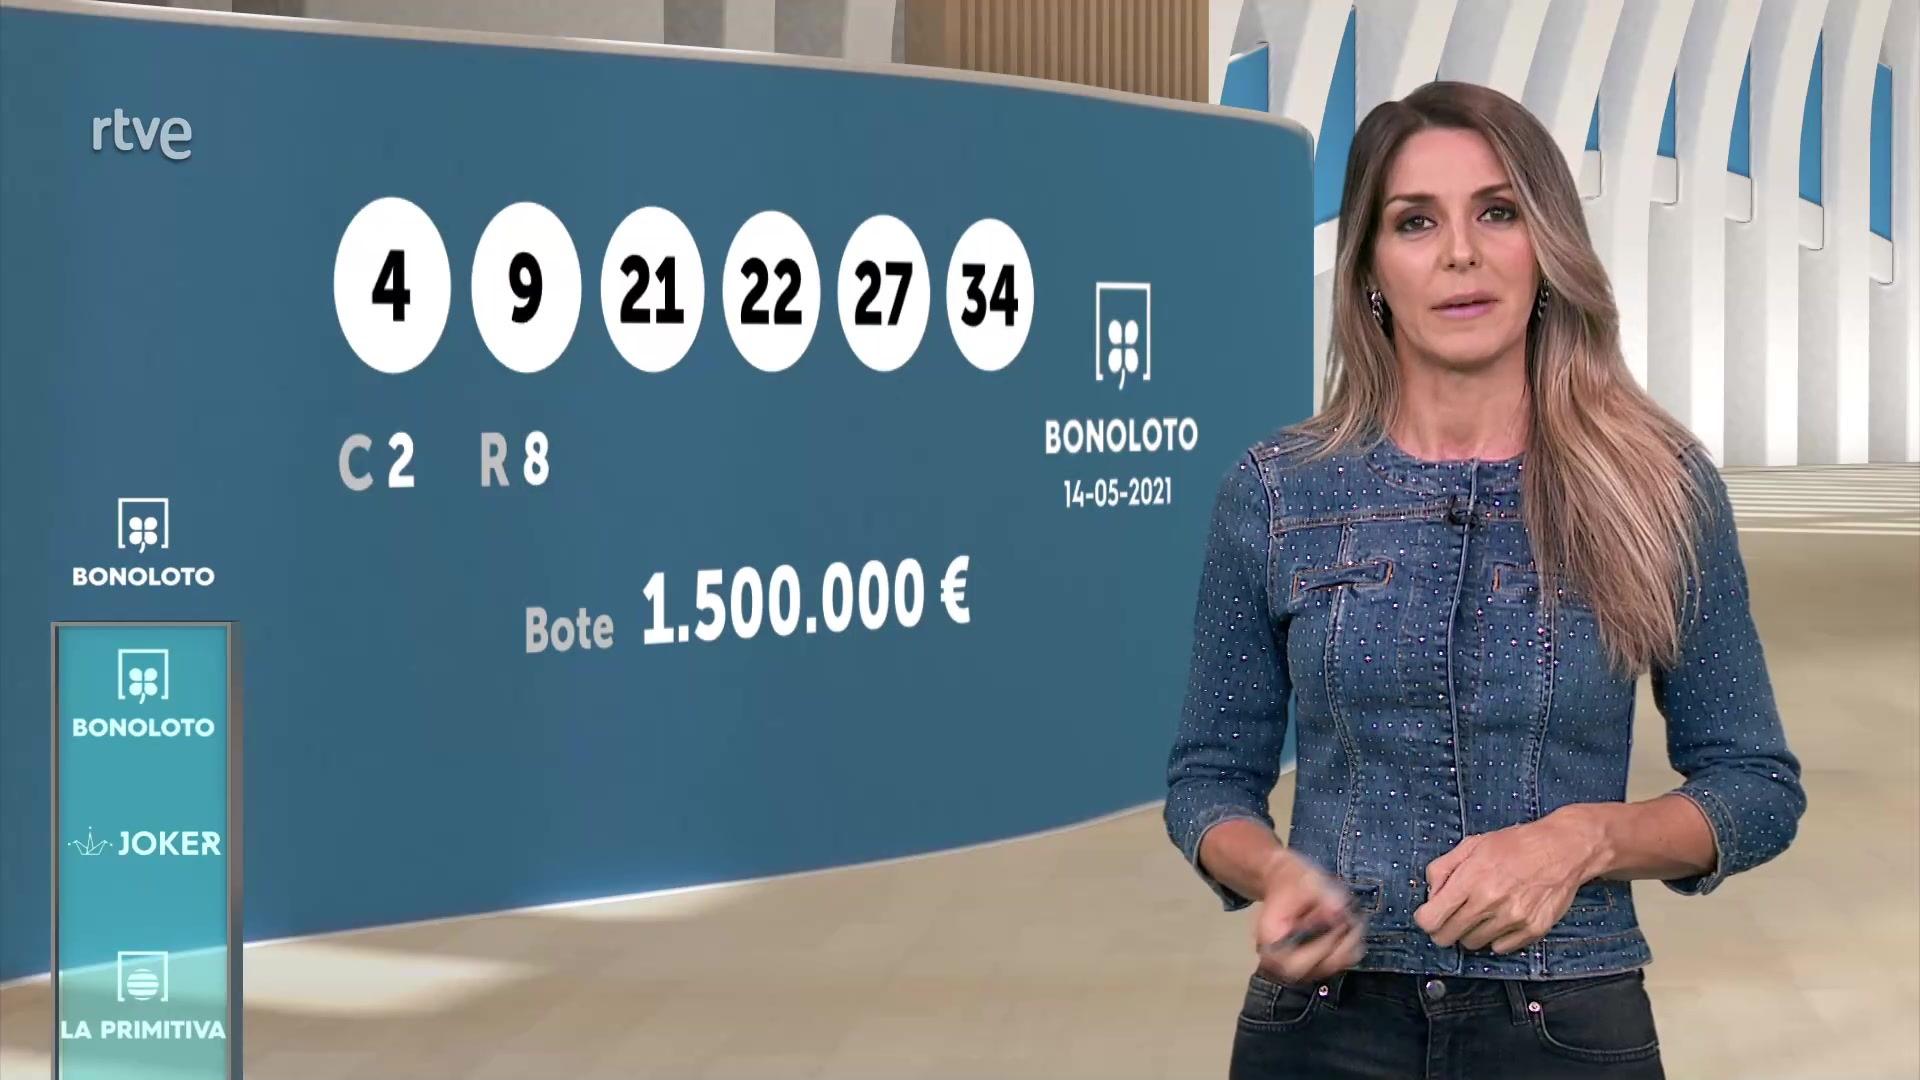 Sorteo de la Bonoloto y Euromillones del 14/05/2021